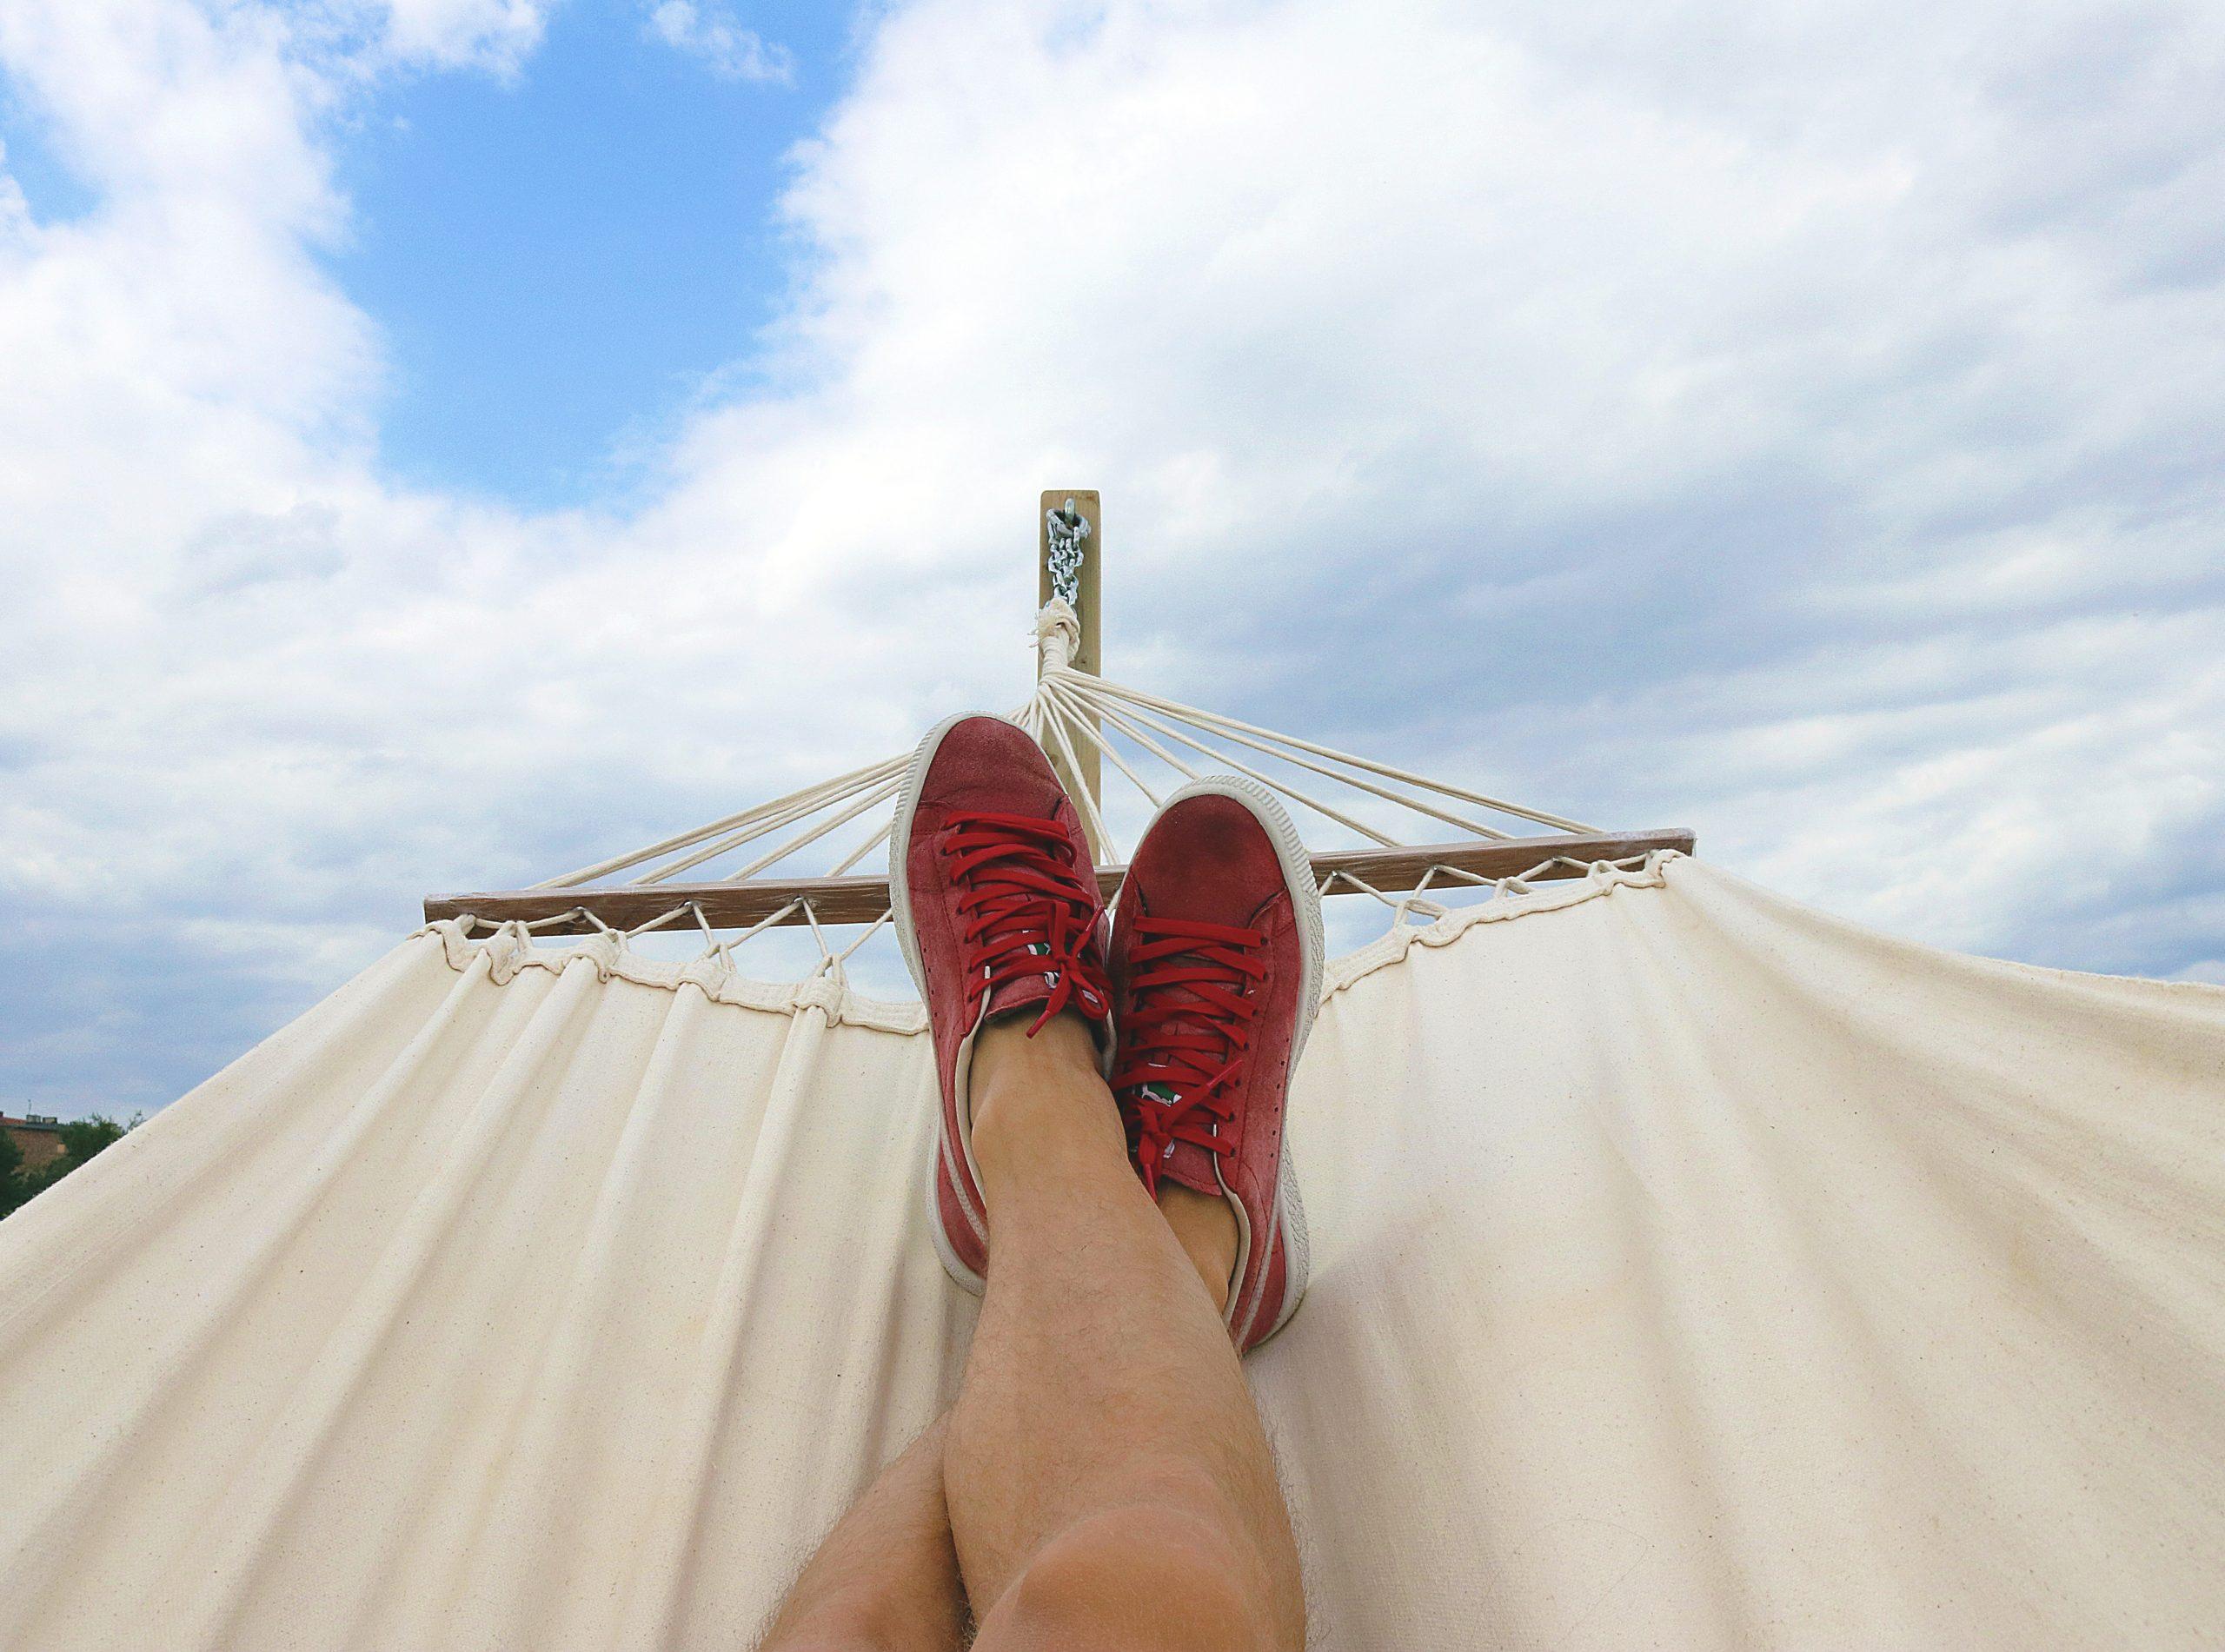 Beine in einer Hängematte, blauer Himmel mit weißen Wolken